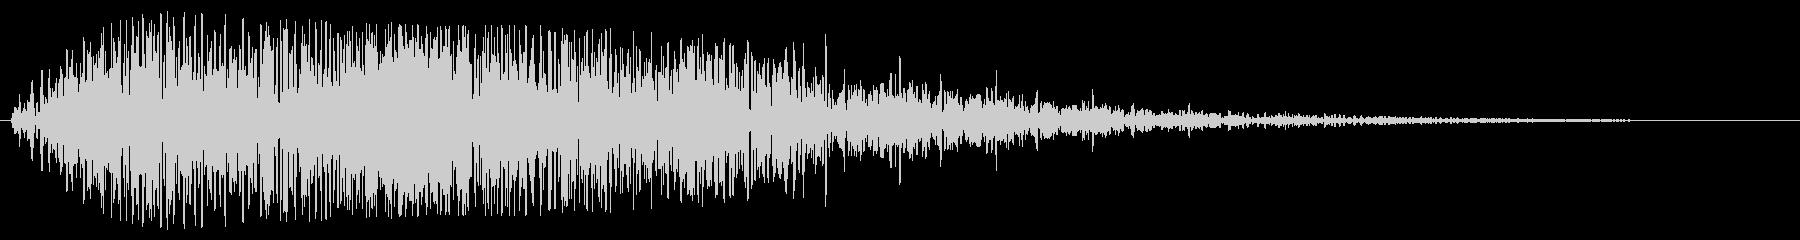 キラリン(透明感のある明るい効果音)の未再生の波形